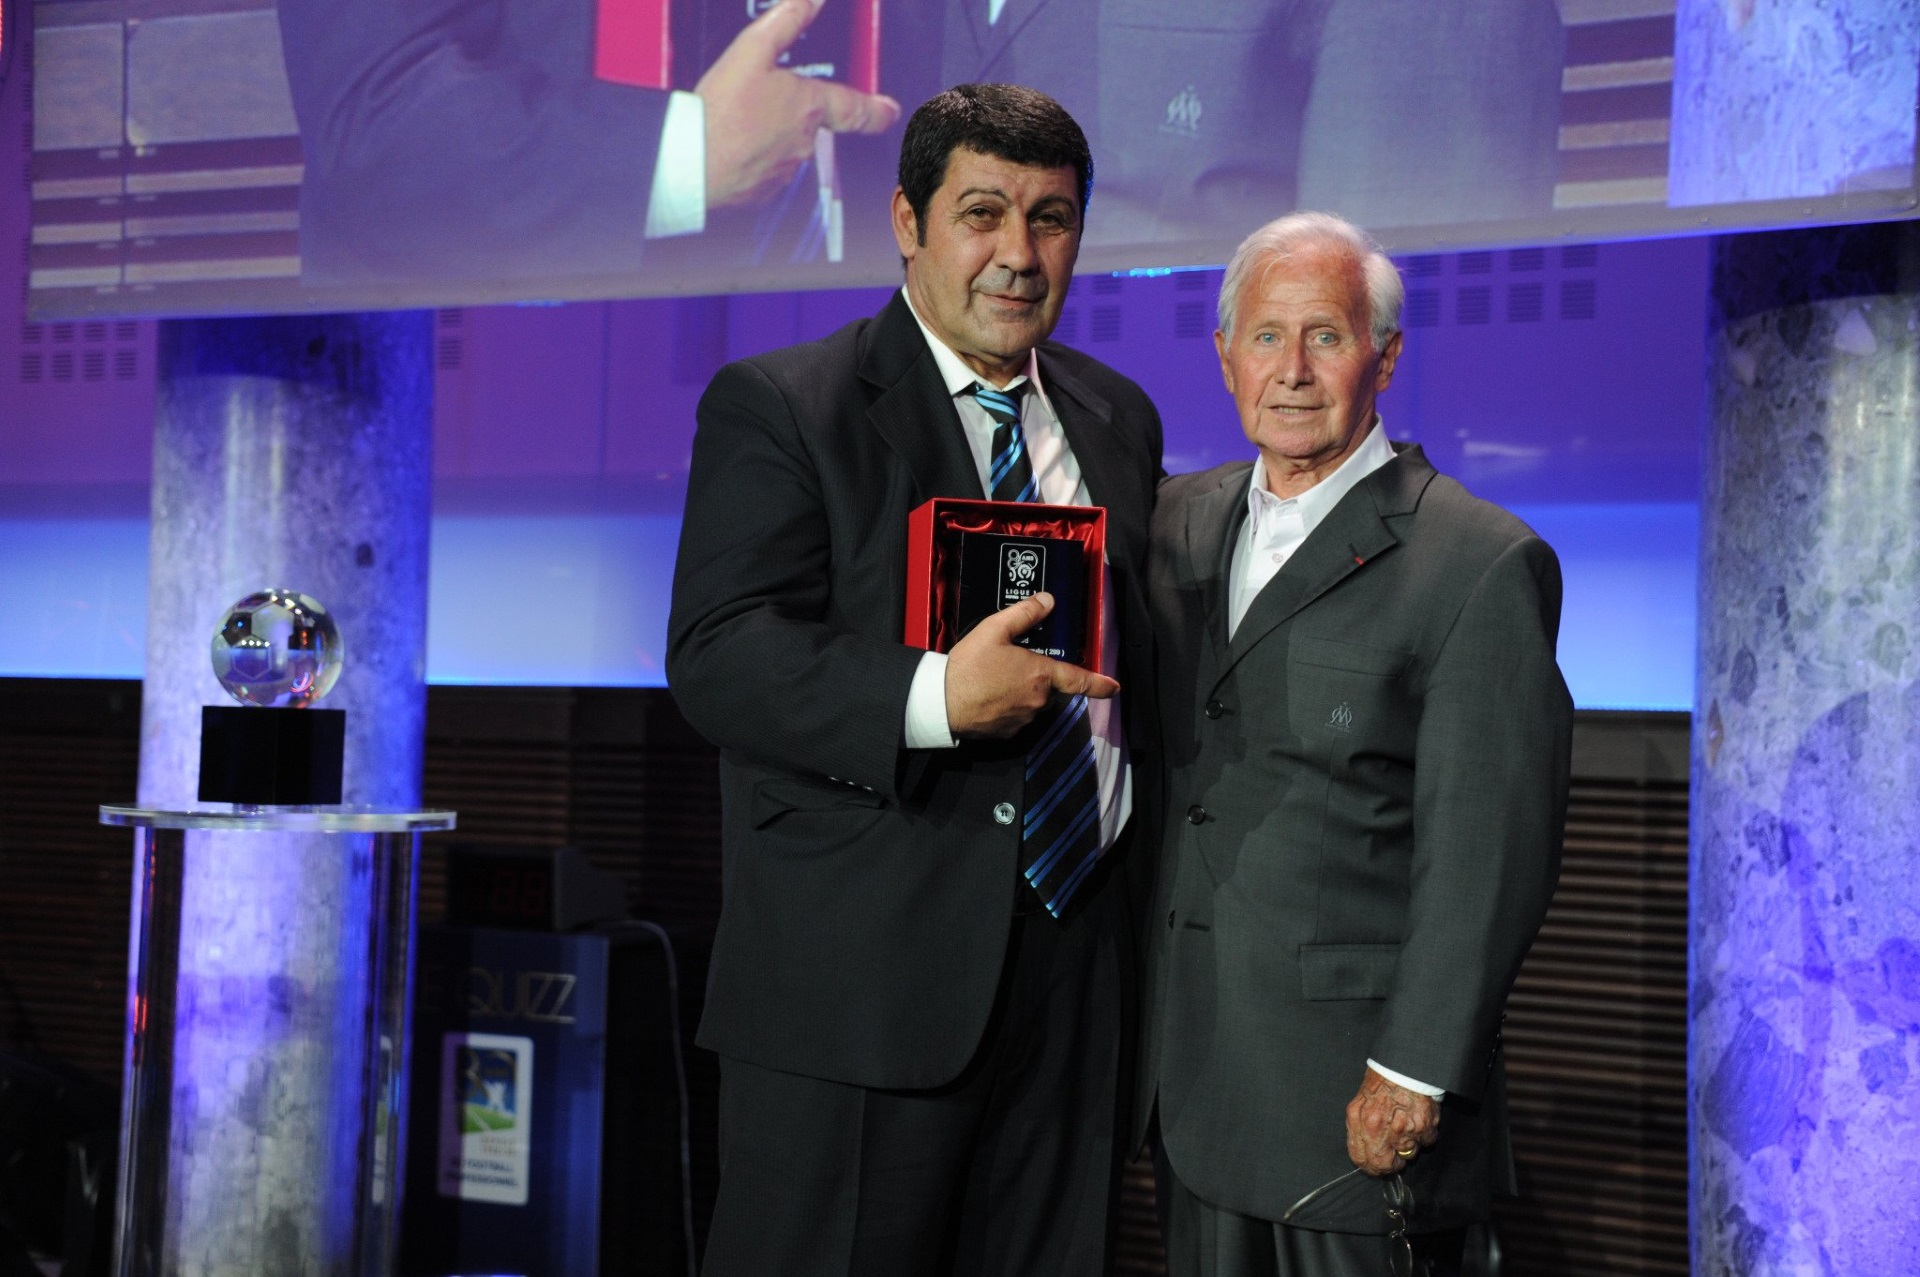 En 2012 recibió el premio como máximo goleador histórico de la Ligue 1 a 80 años de su fundación (Foto: Liga de Francia)